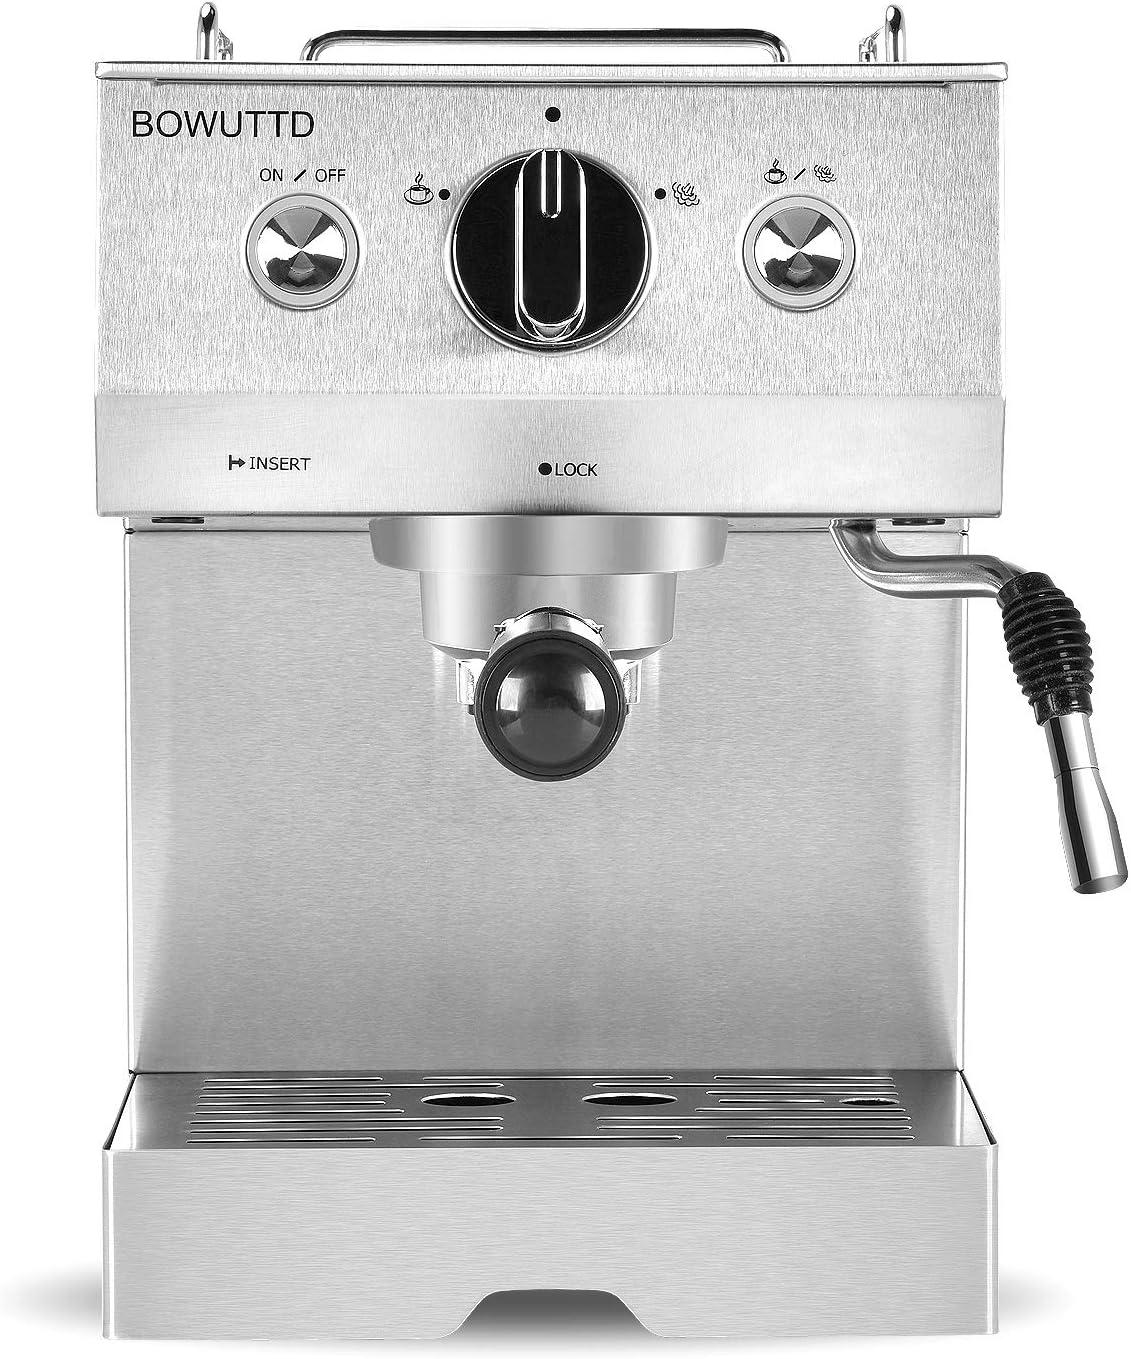 Amazon.com: Bowuttd Máquina de café expreso, 1,25 l, máquina ...